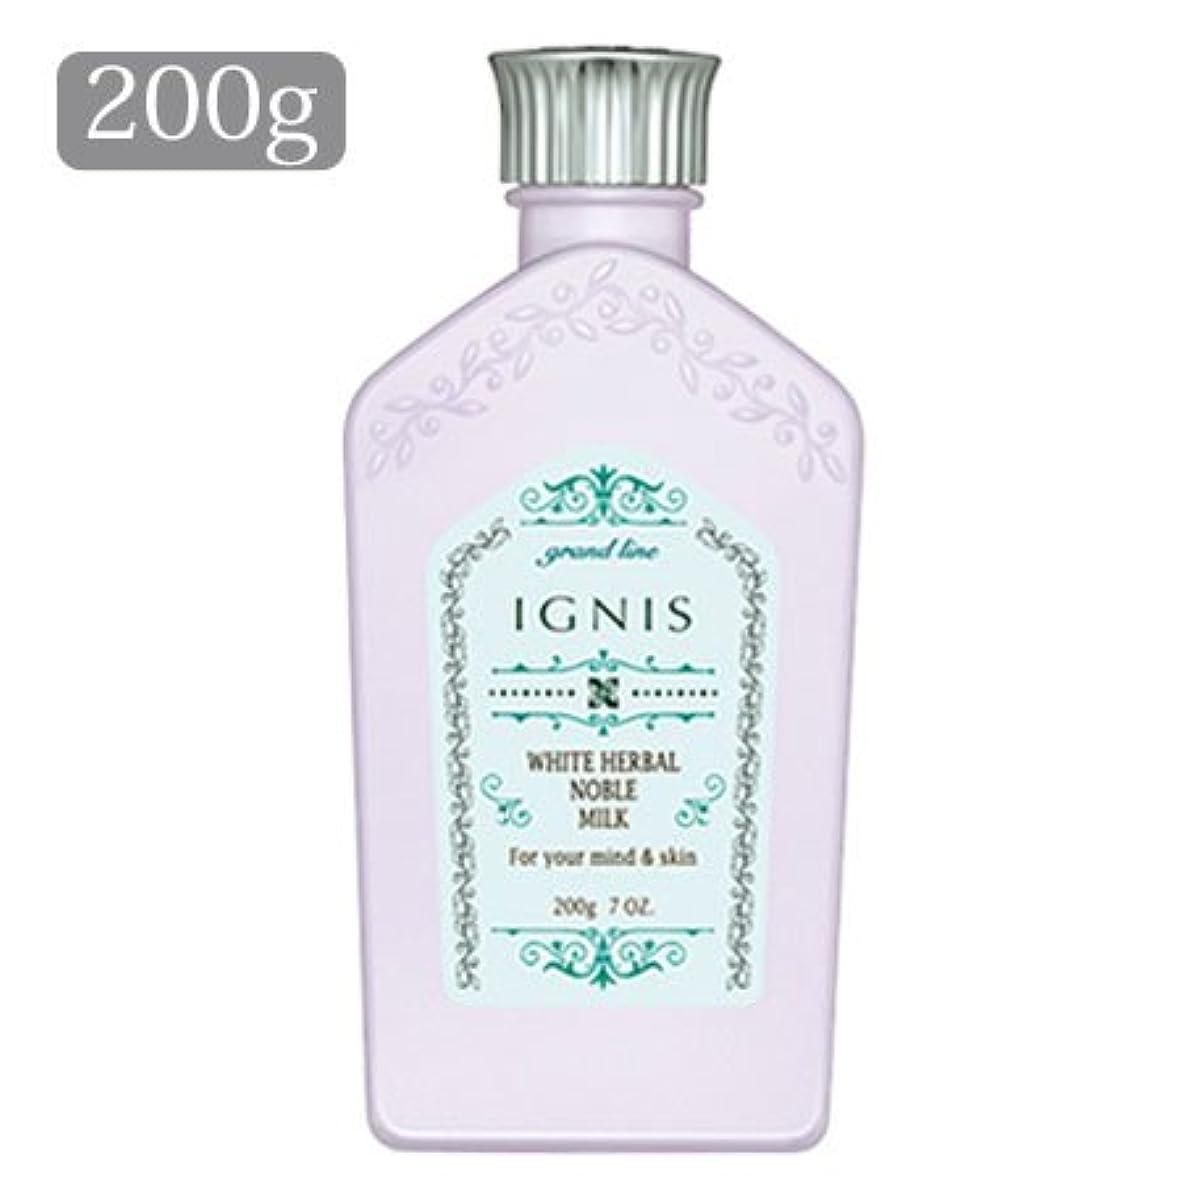 へこみはねかける対応するイグニス ホワイトハーバル ノーブル ミルク 200g -IGNIS-